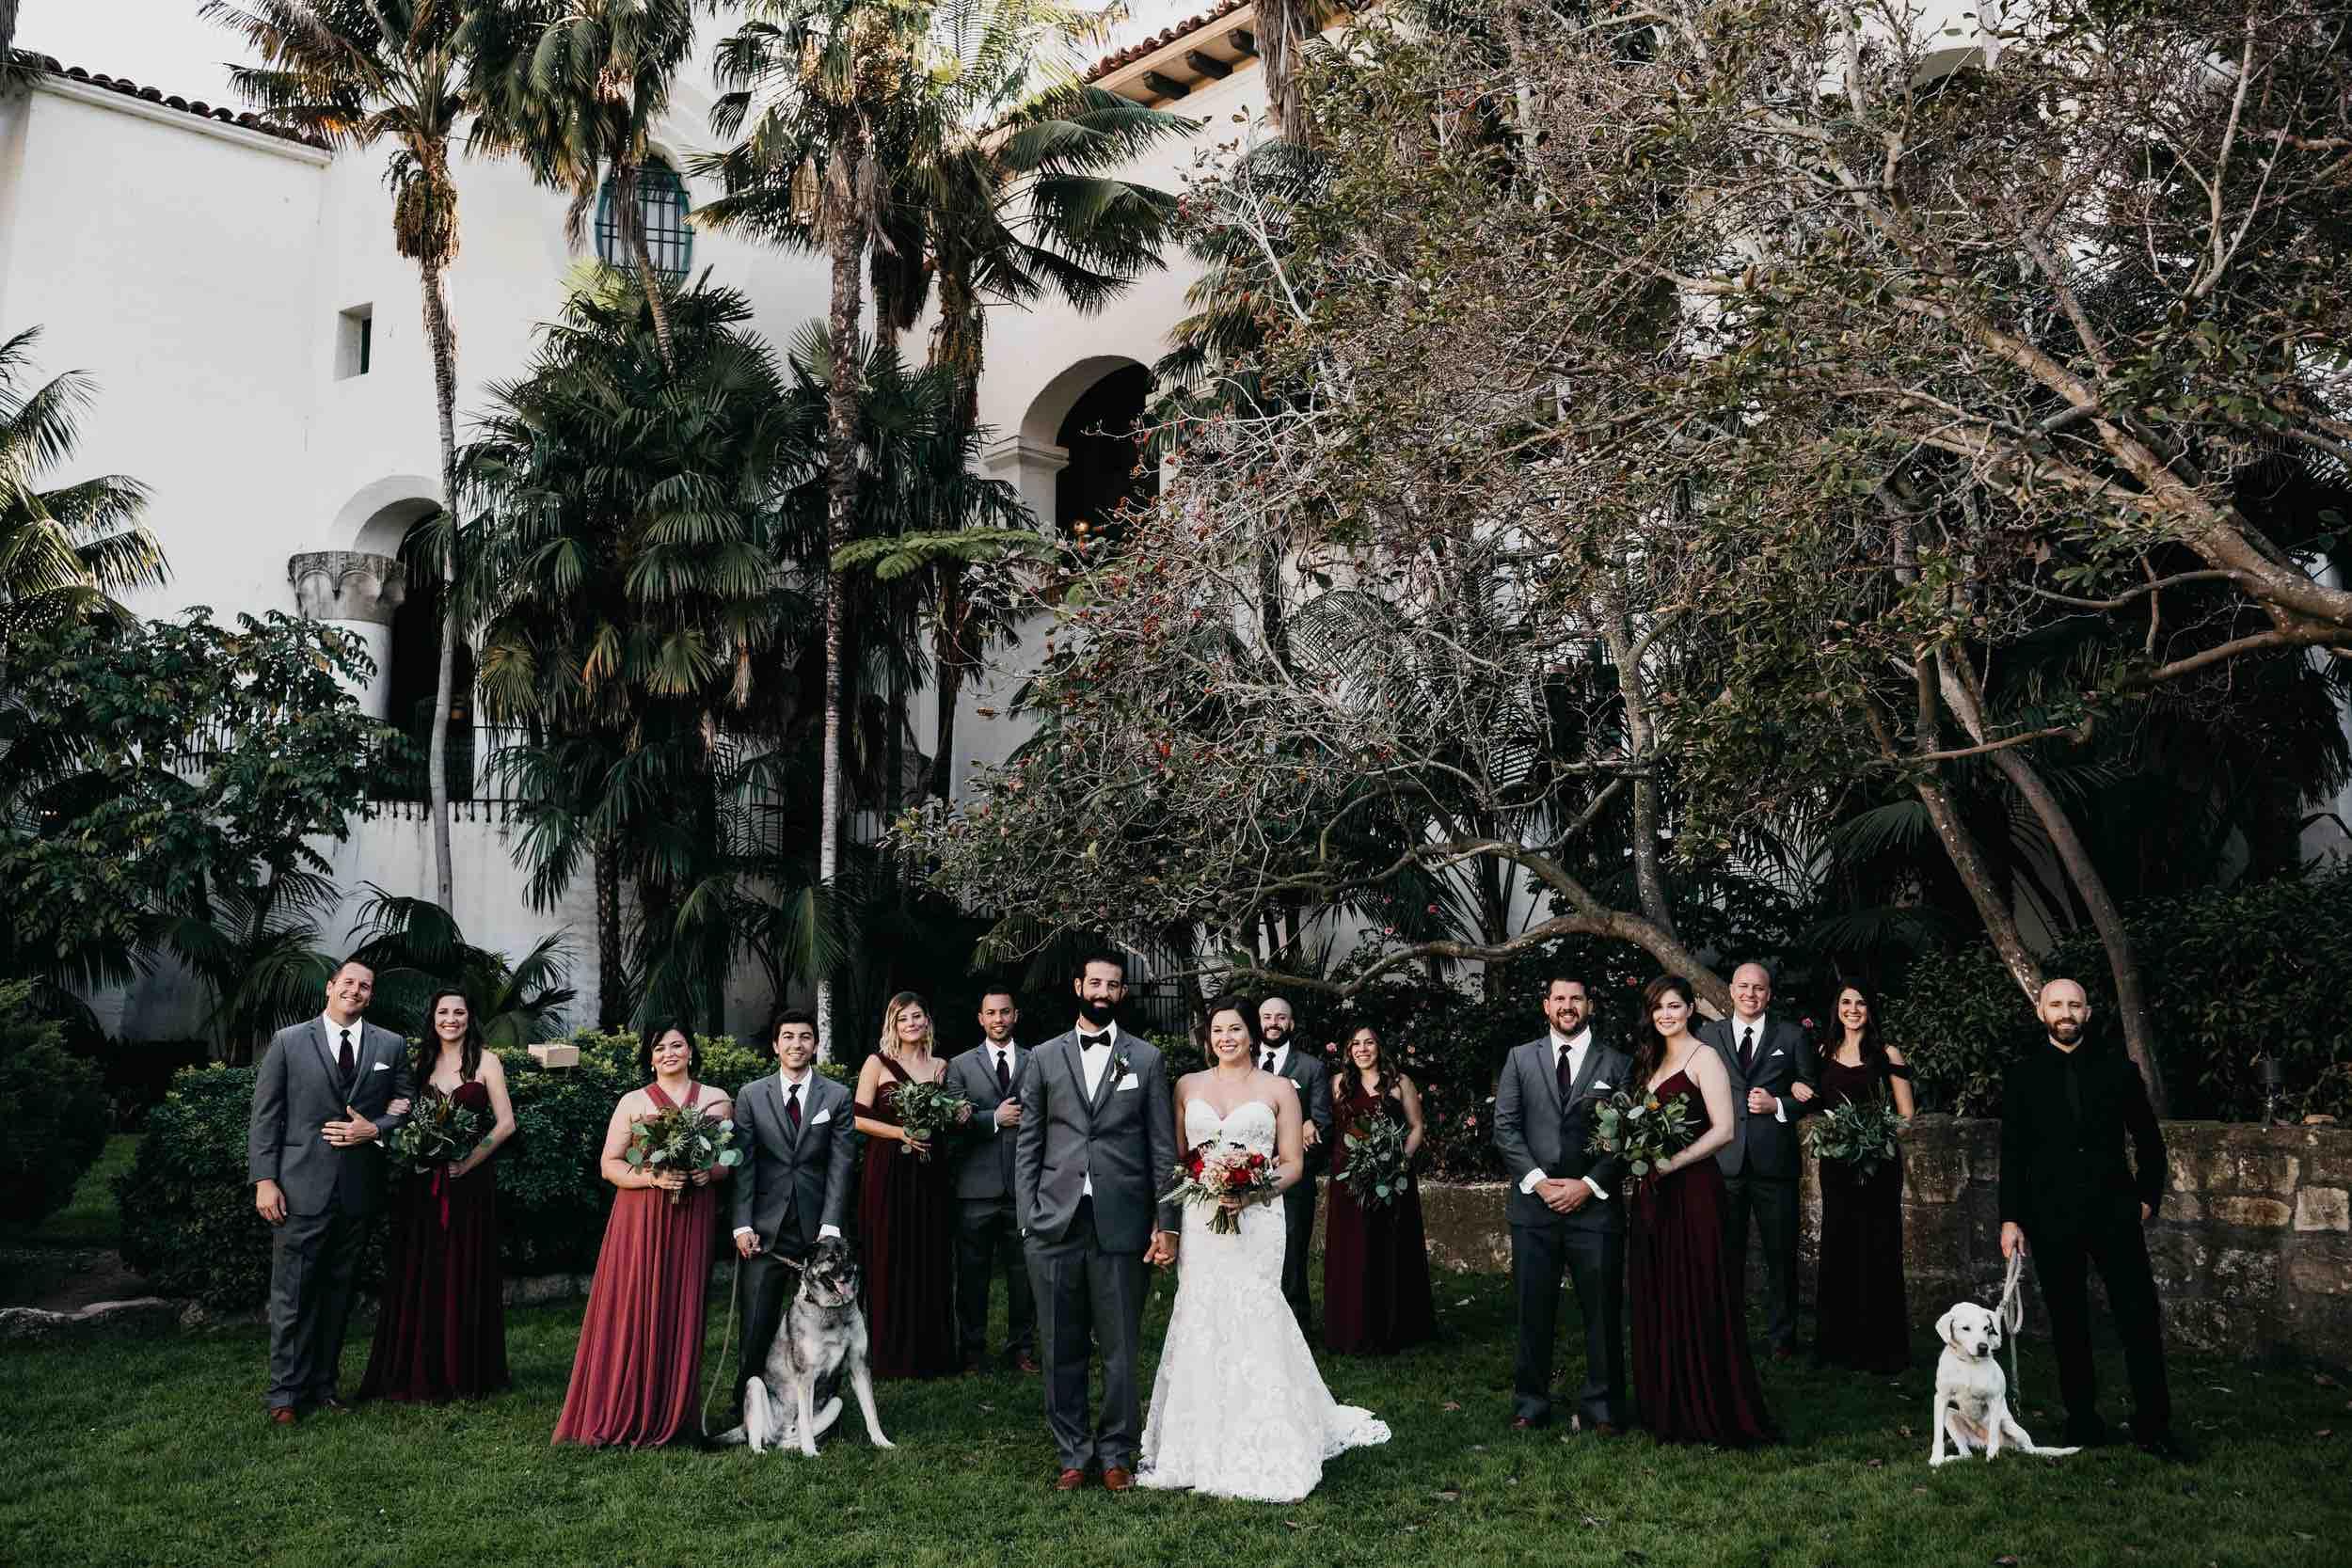 LaurenandSam_WeddingParty1.jpeg